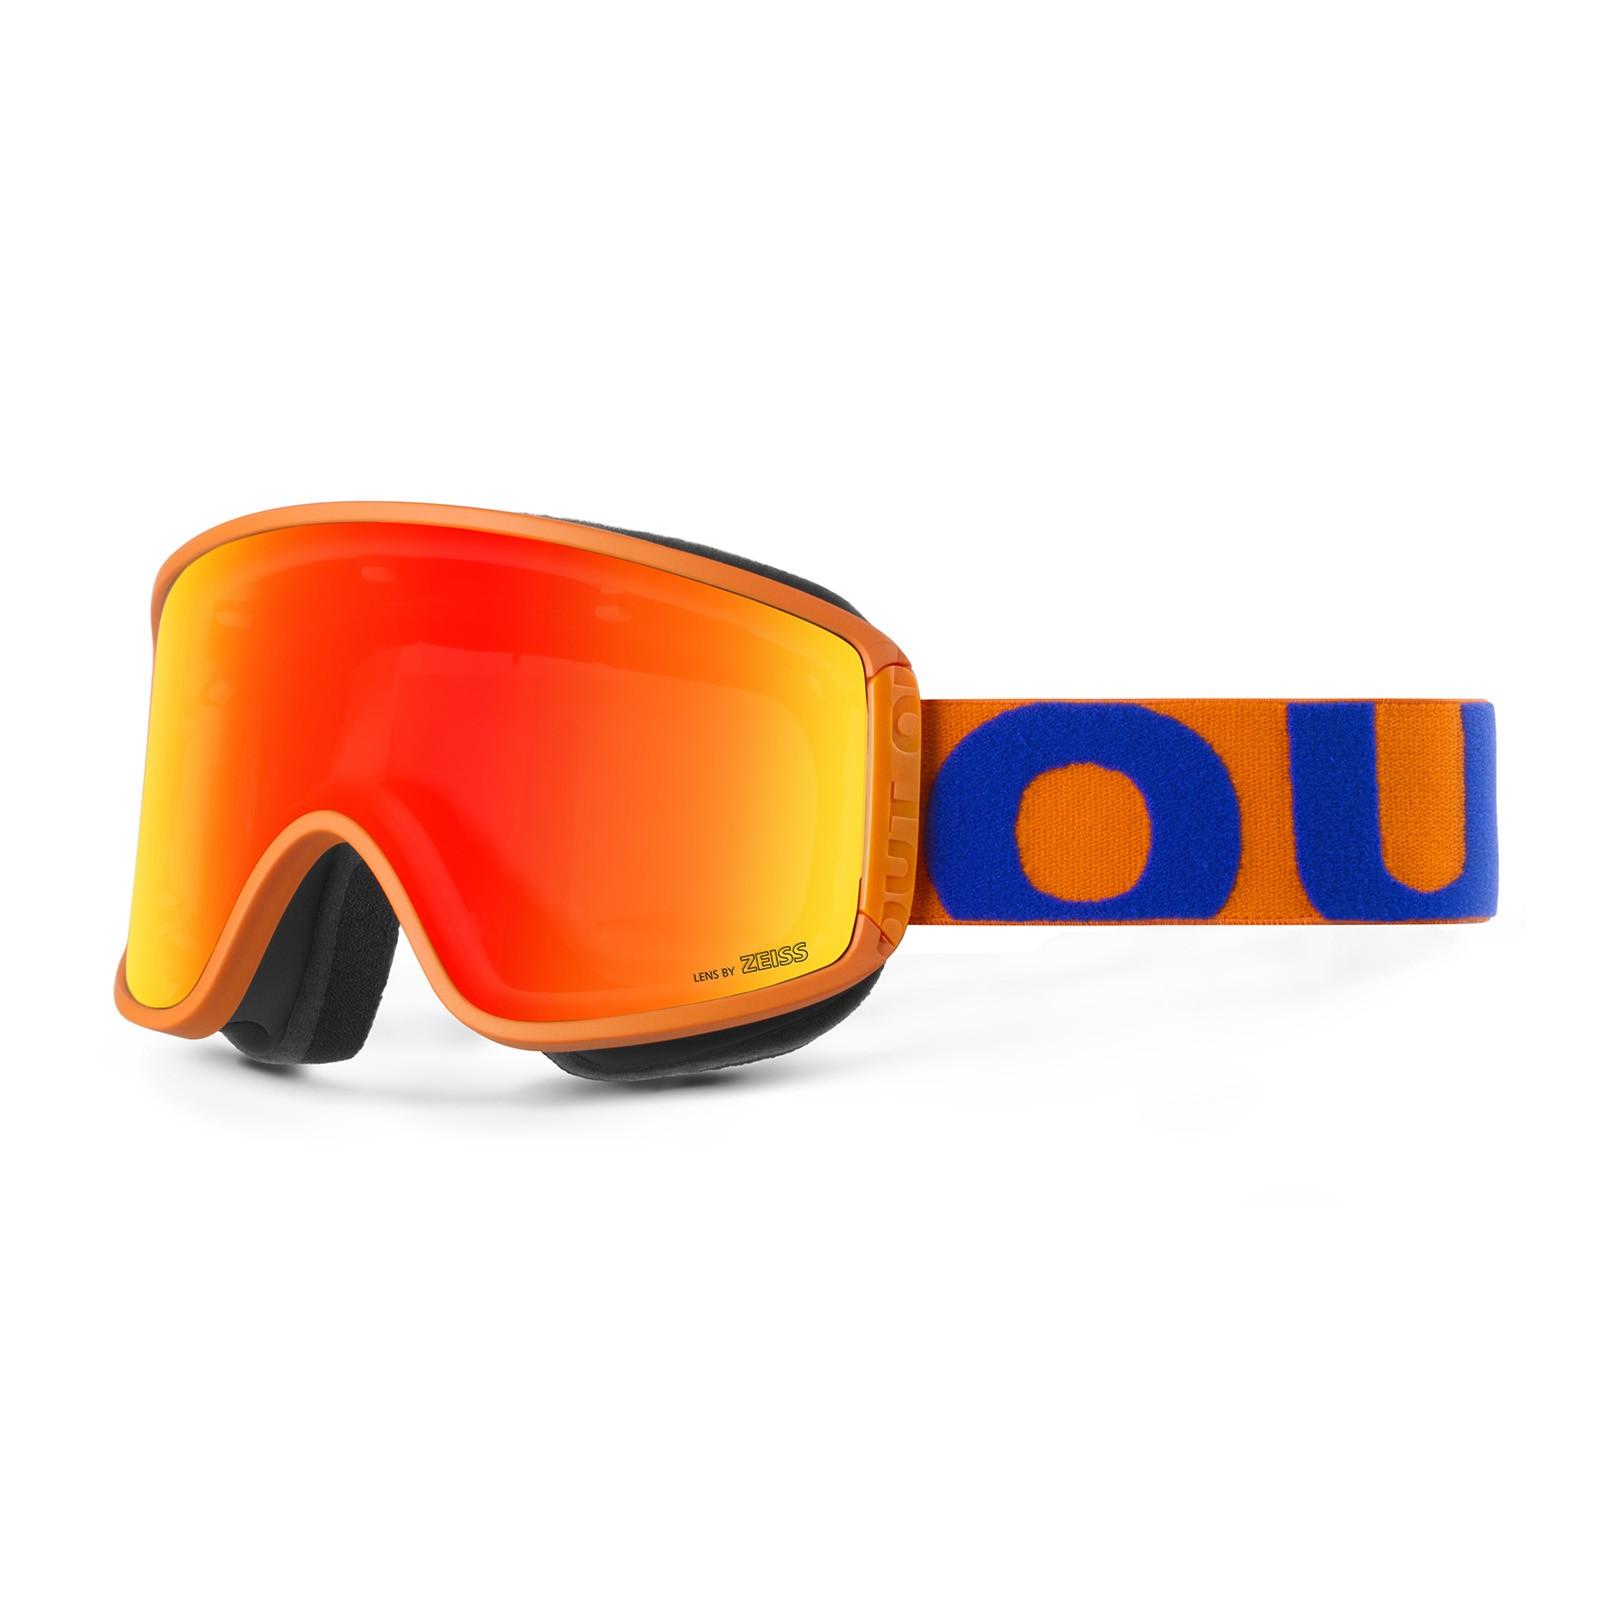 Shift Blue orange Red mci goggle